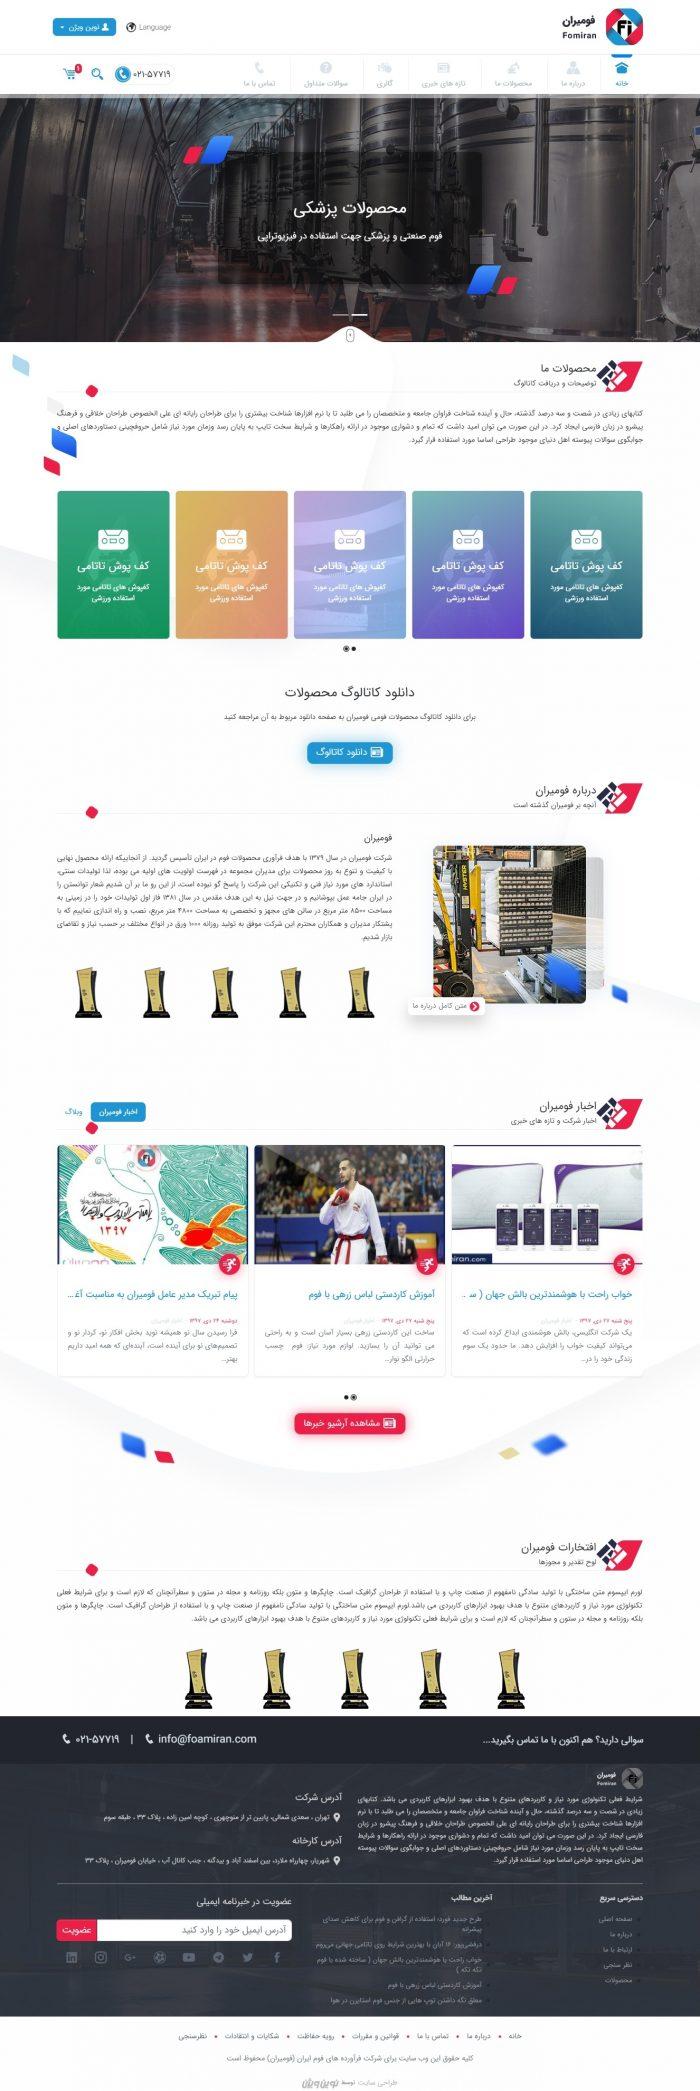 طراحی سایت فومیران